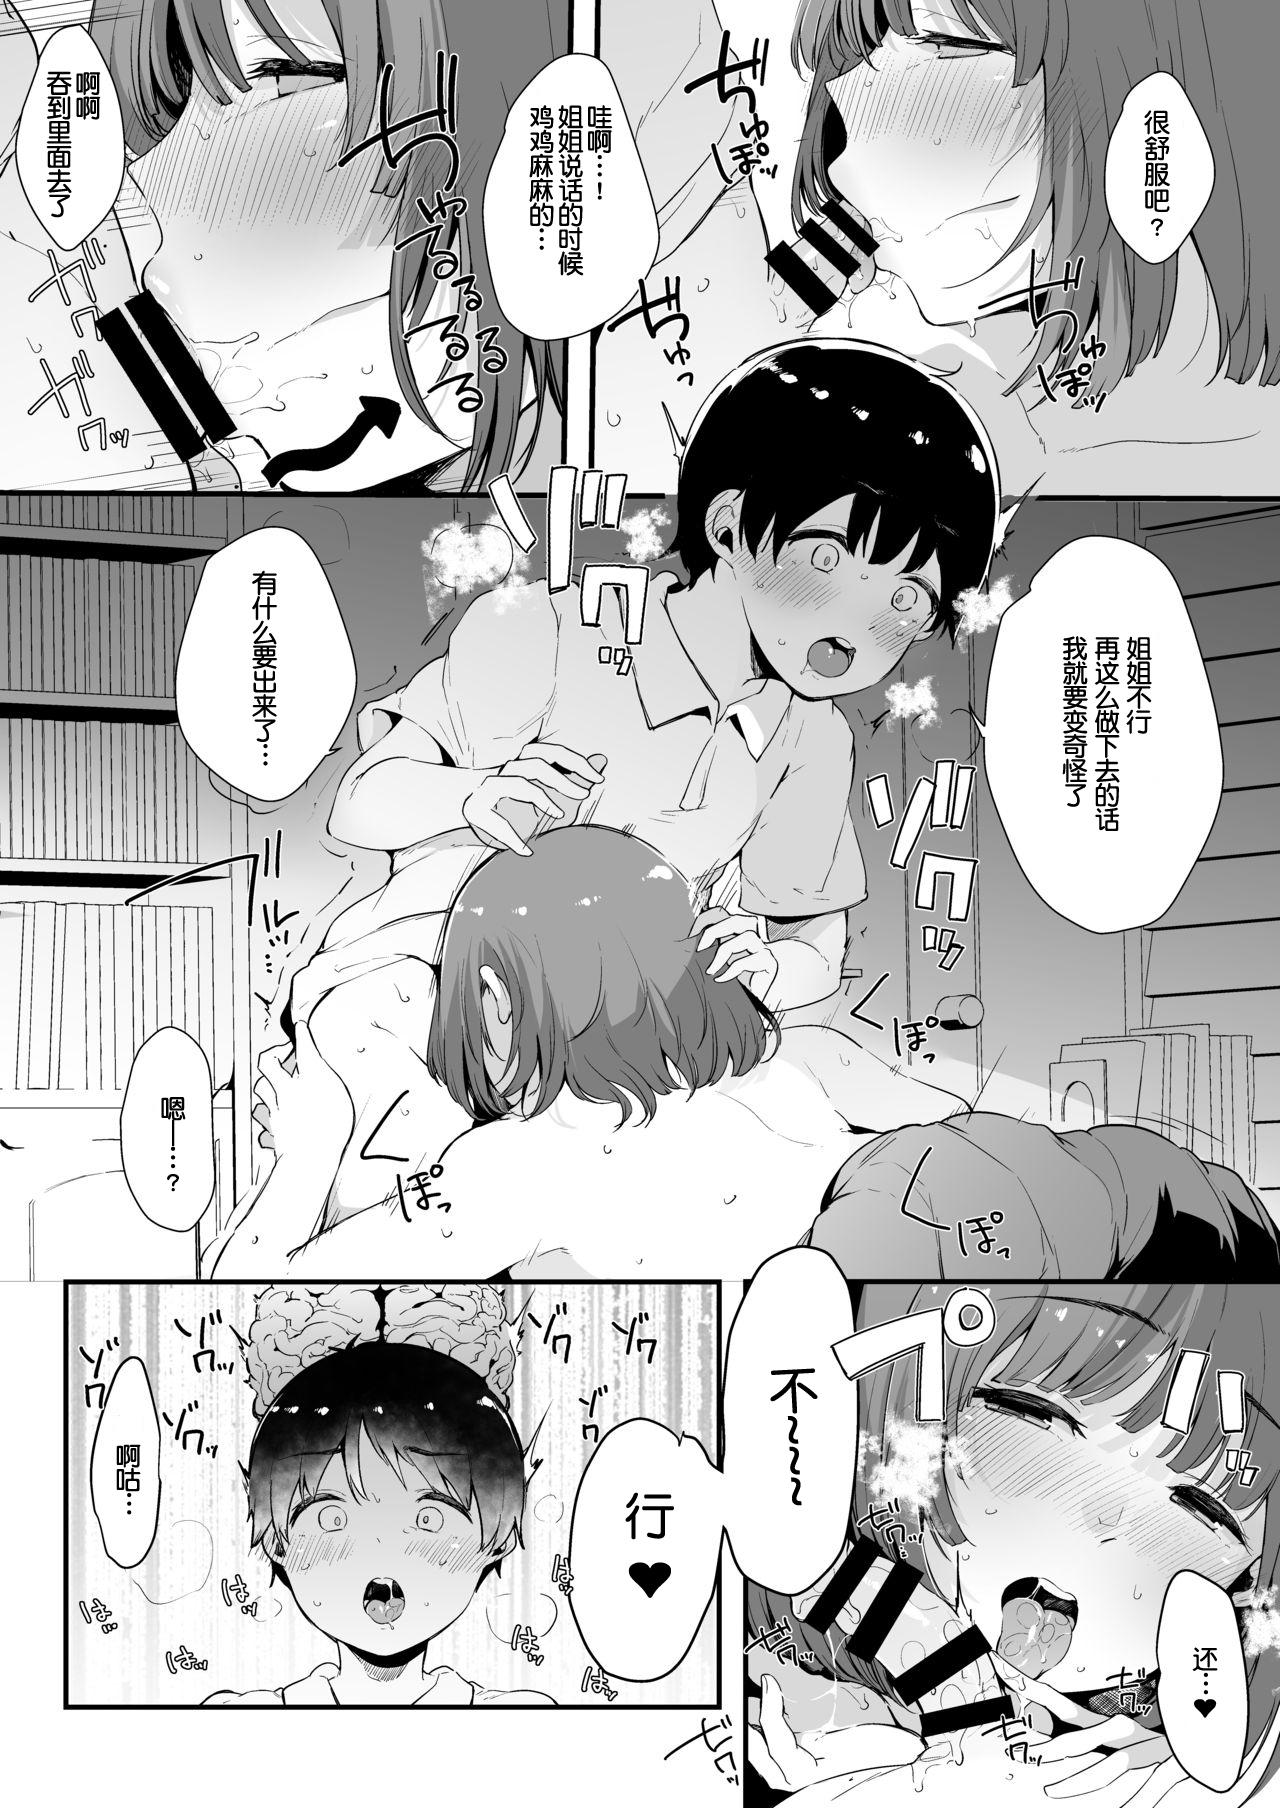 Seitsuu Shasei Kanri Ue no Kai no Joshidaisei Onee-san 14